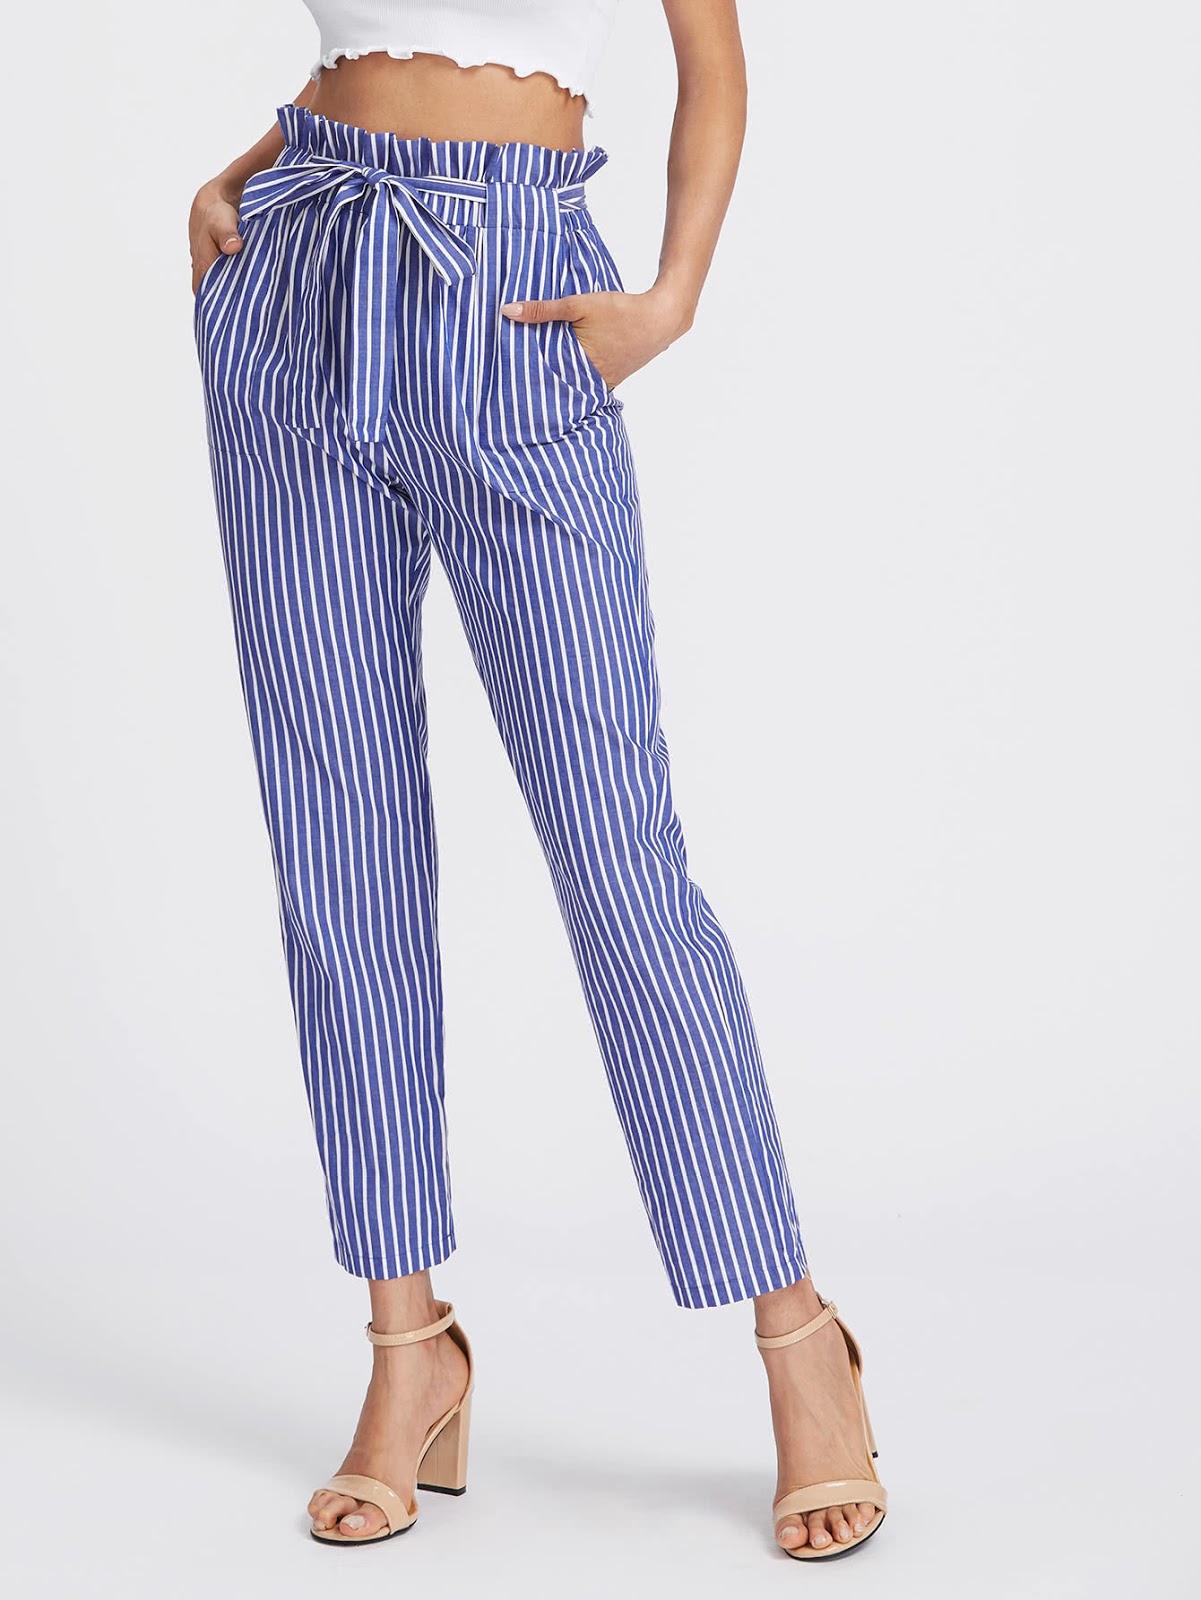 pantalones a rayas a la cintura